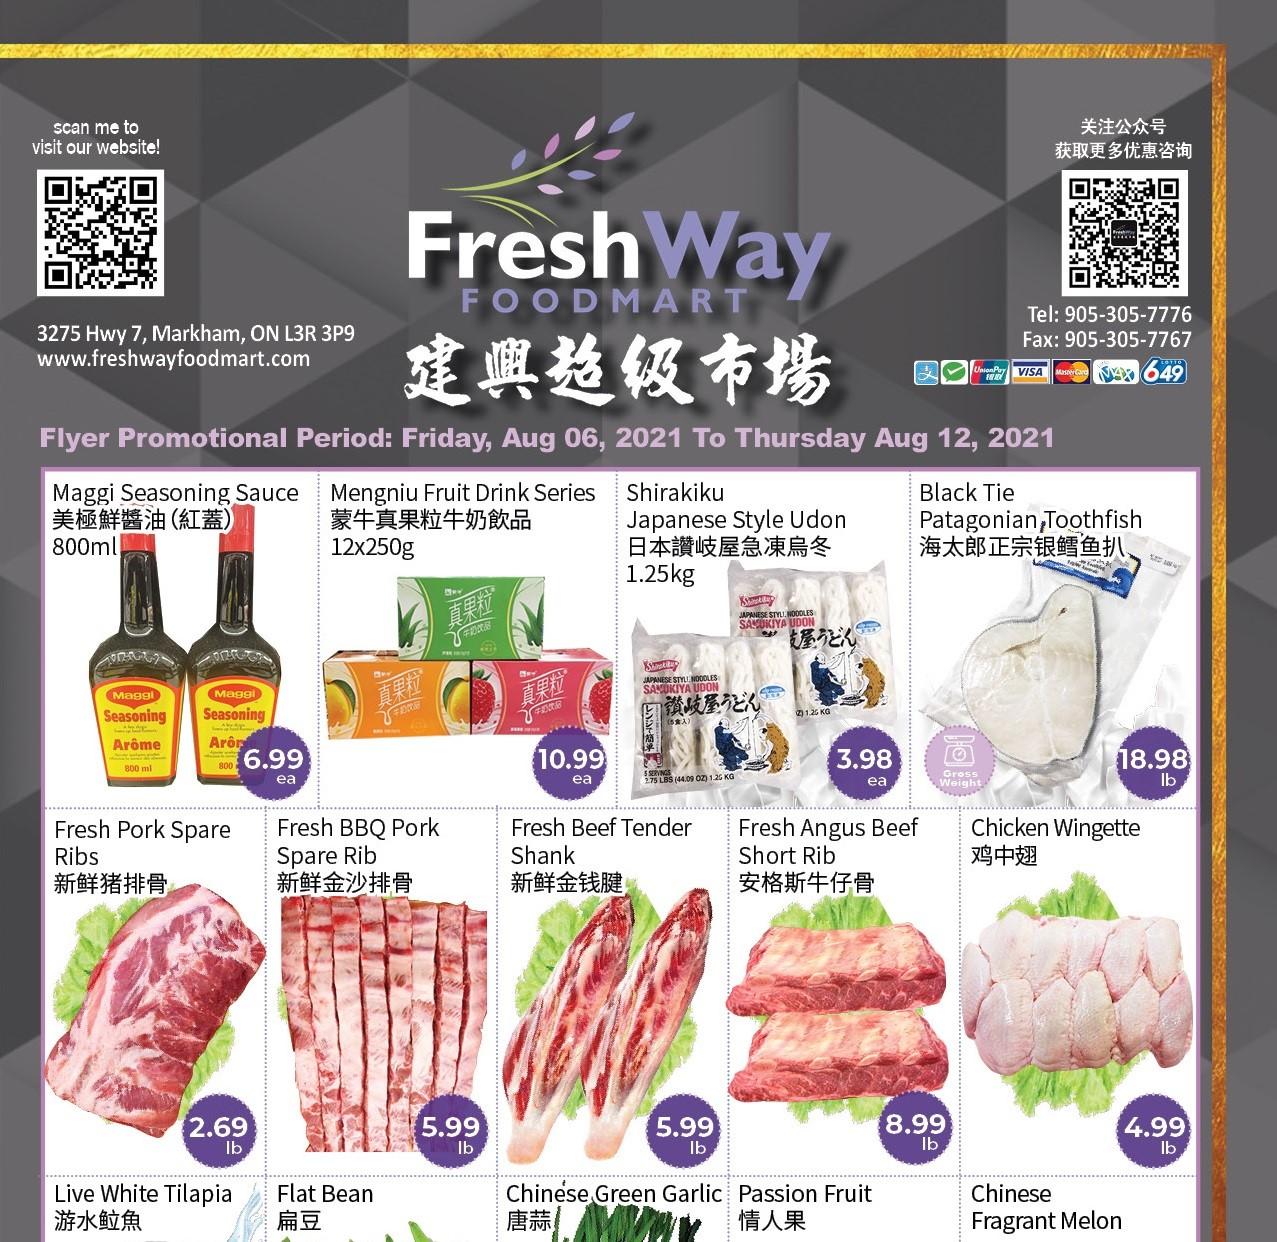 FreshWay Foodmart Flyer   Aug 6